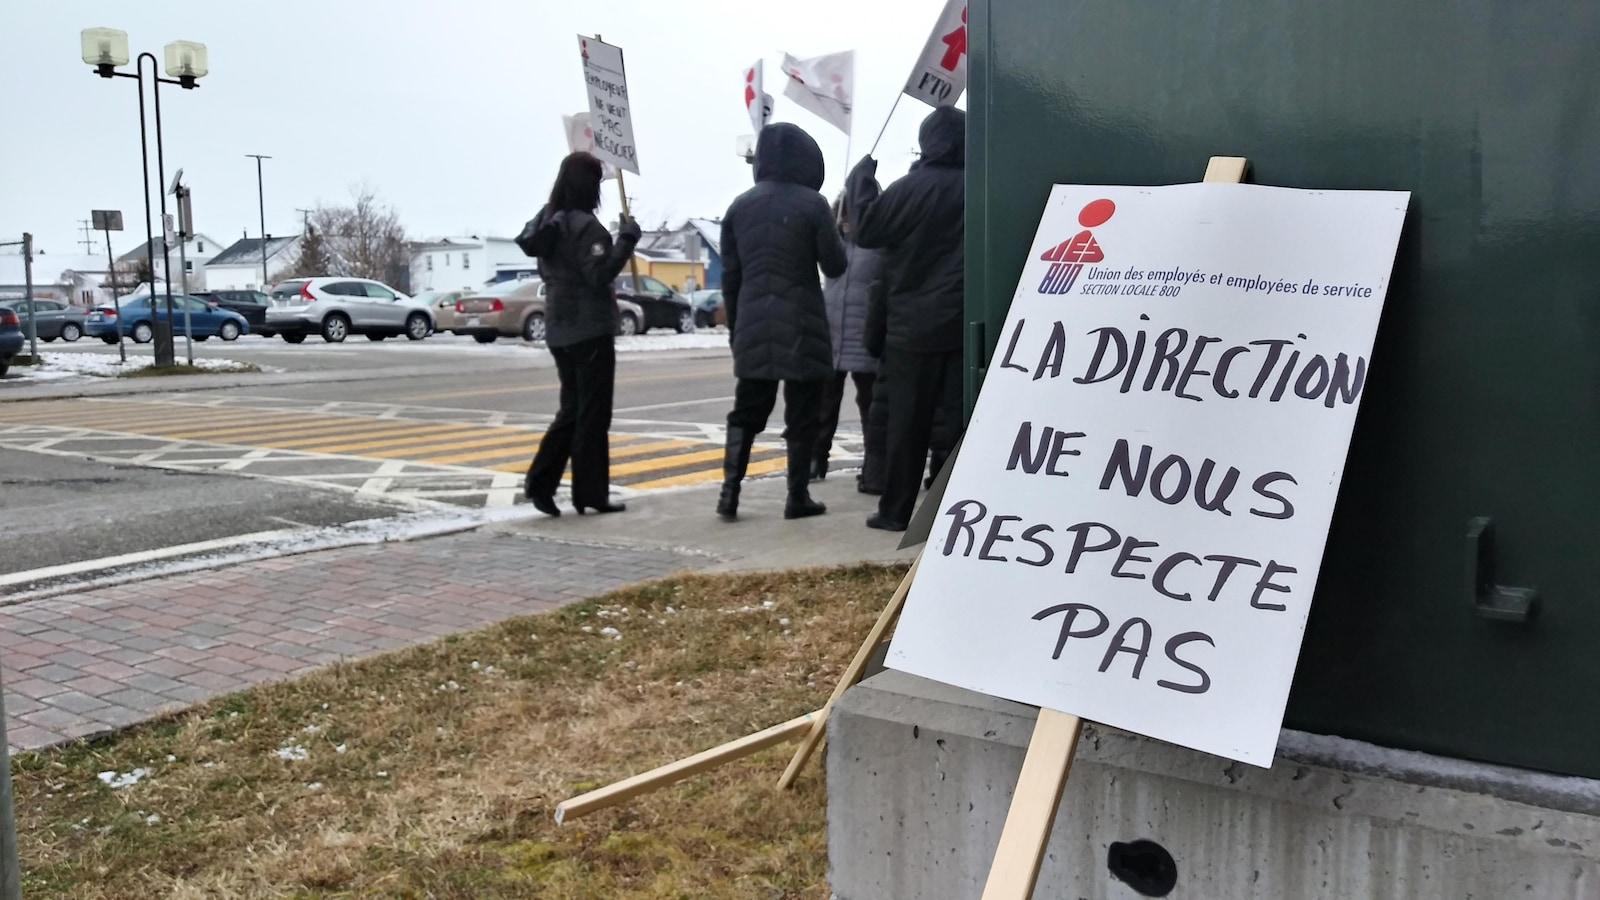 Travailleurs qui manifestent dehors.Pancarte. « La direction ne nous repecte pas. »